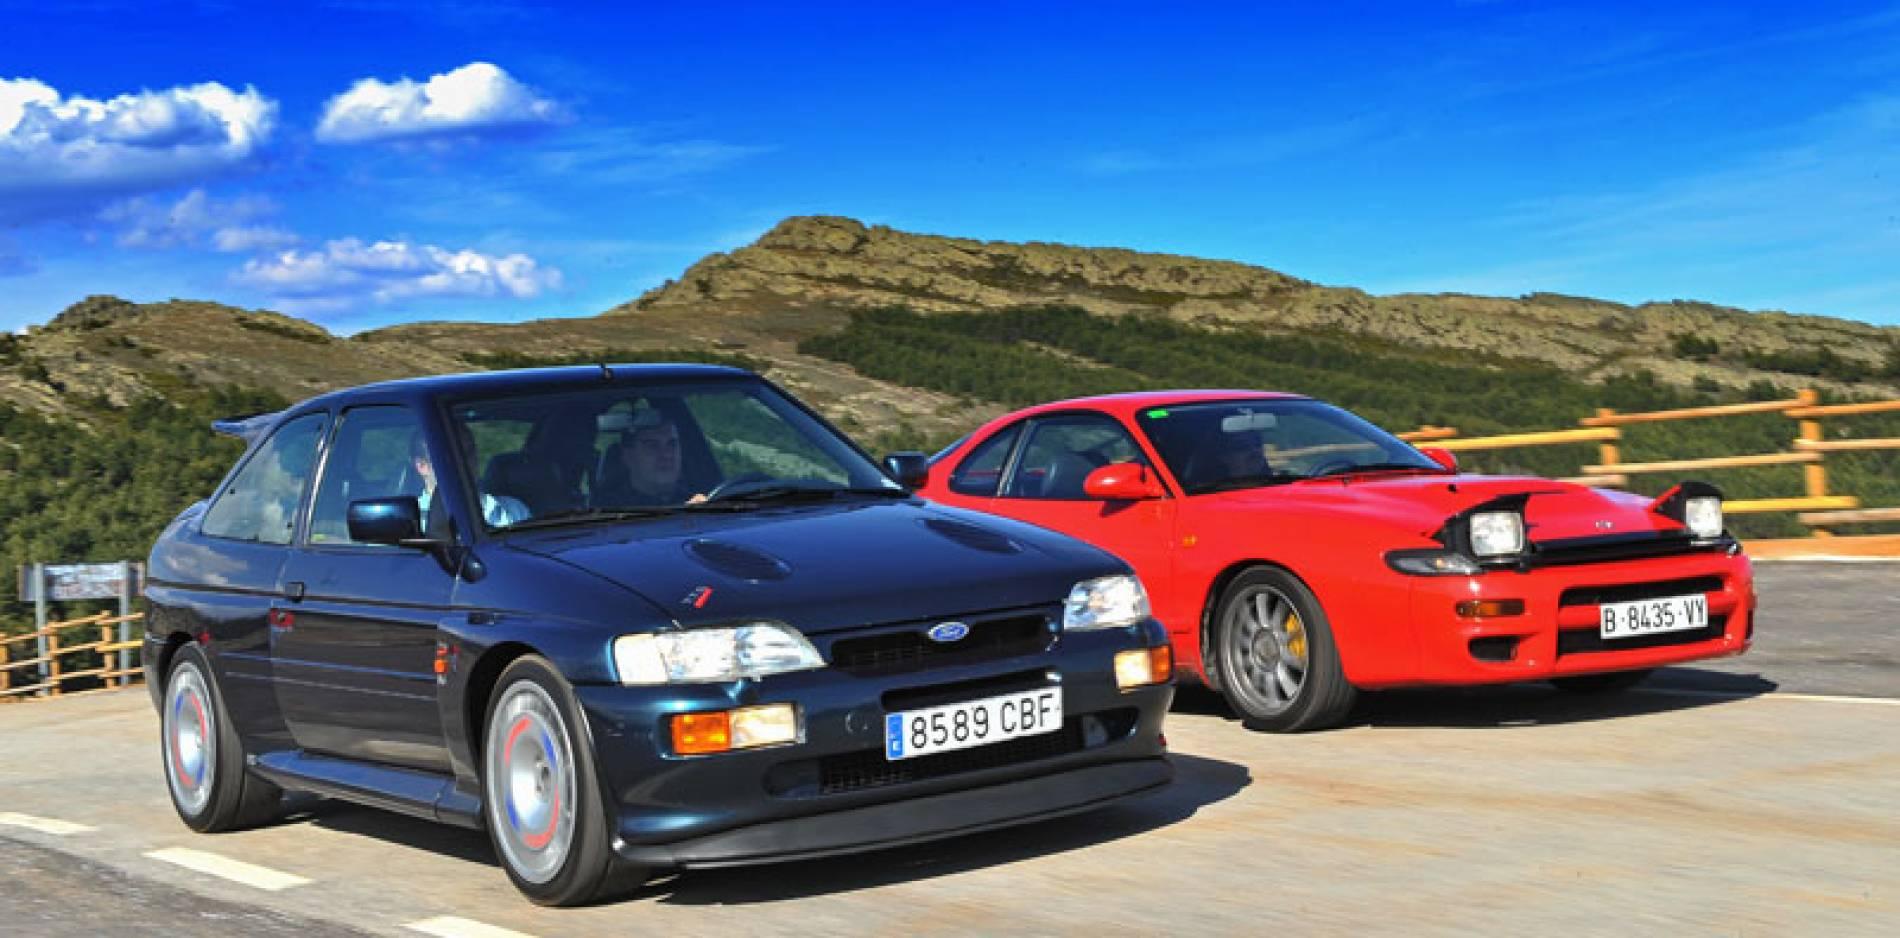 Ford Escort RS Cosworth vs. Toyota Celica Turbo 4WD: de los rallies a la carretera